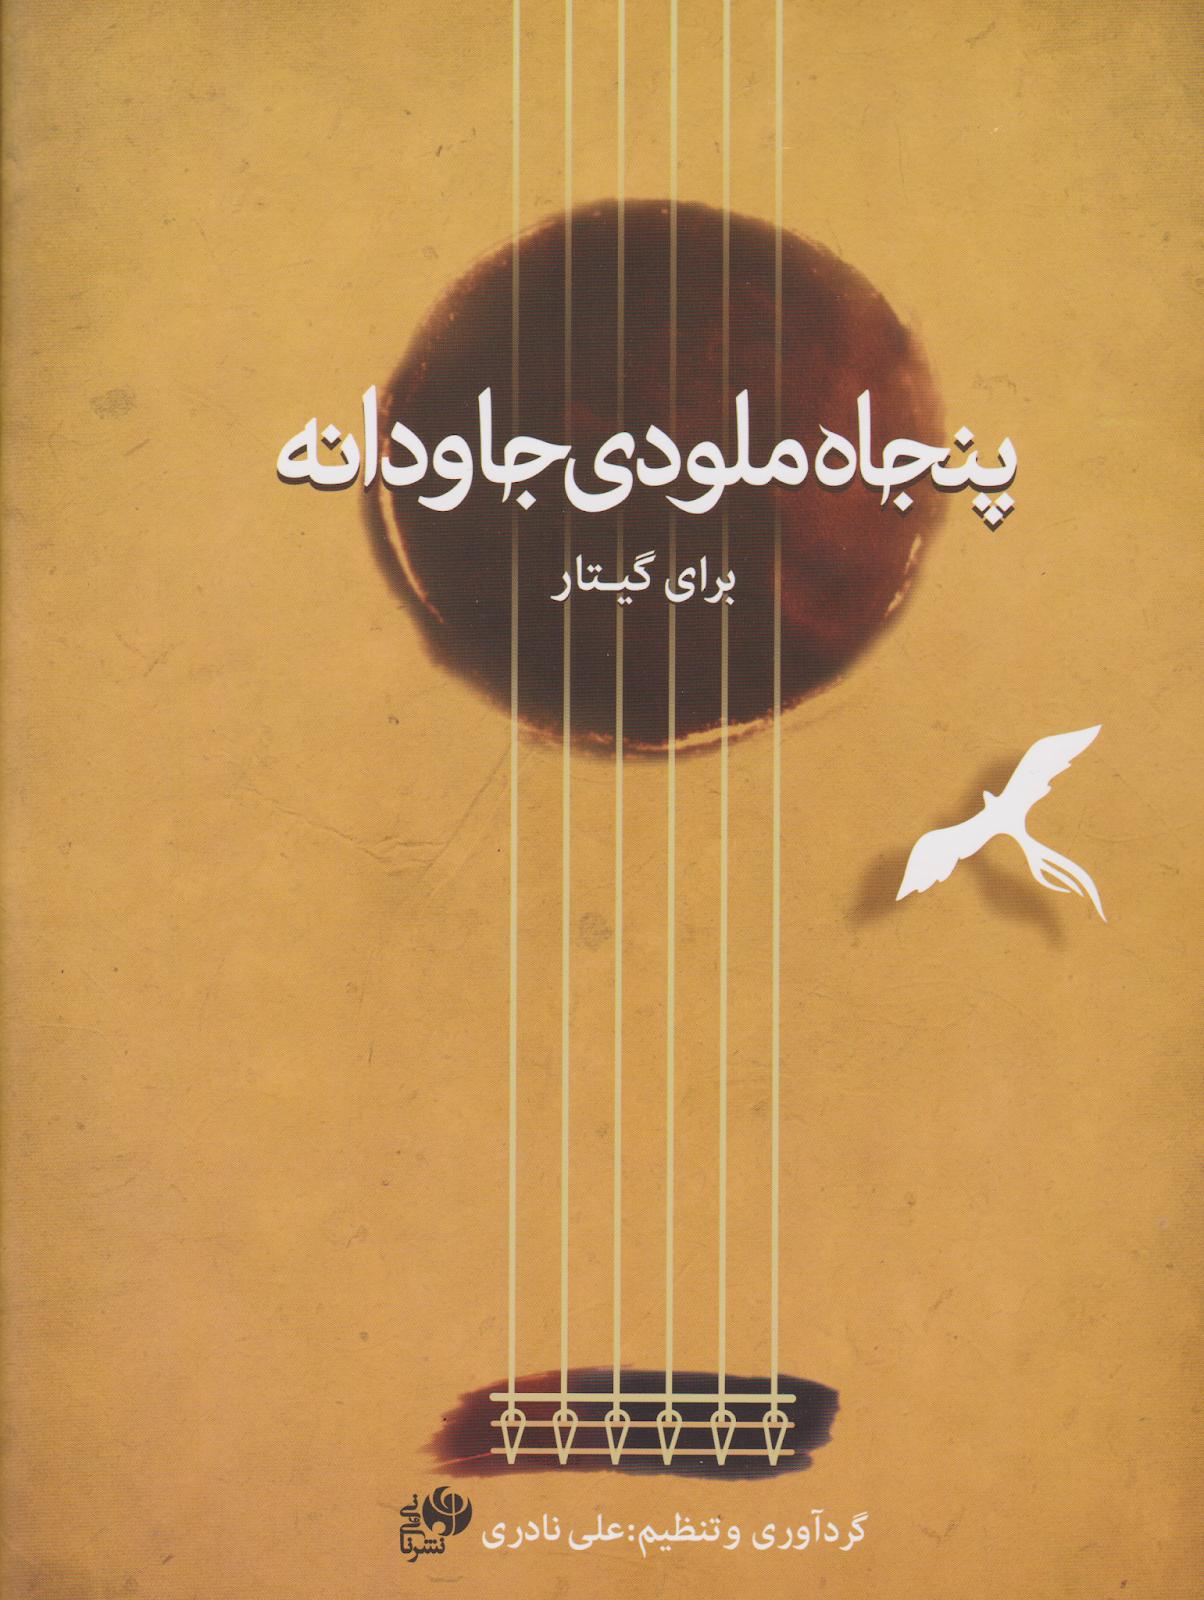 کتاب پنجاه ملودی جاودانه برای گیتار علی نادری انتشارات نایونی